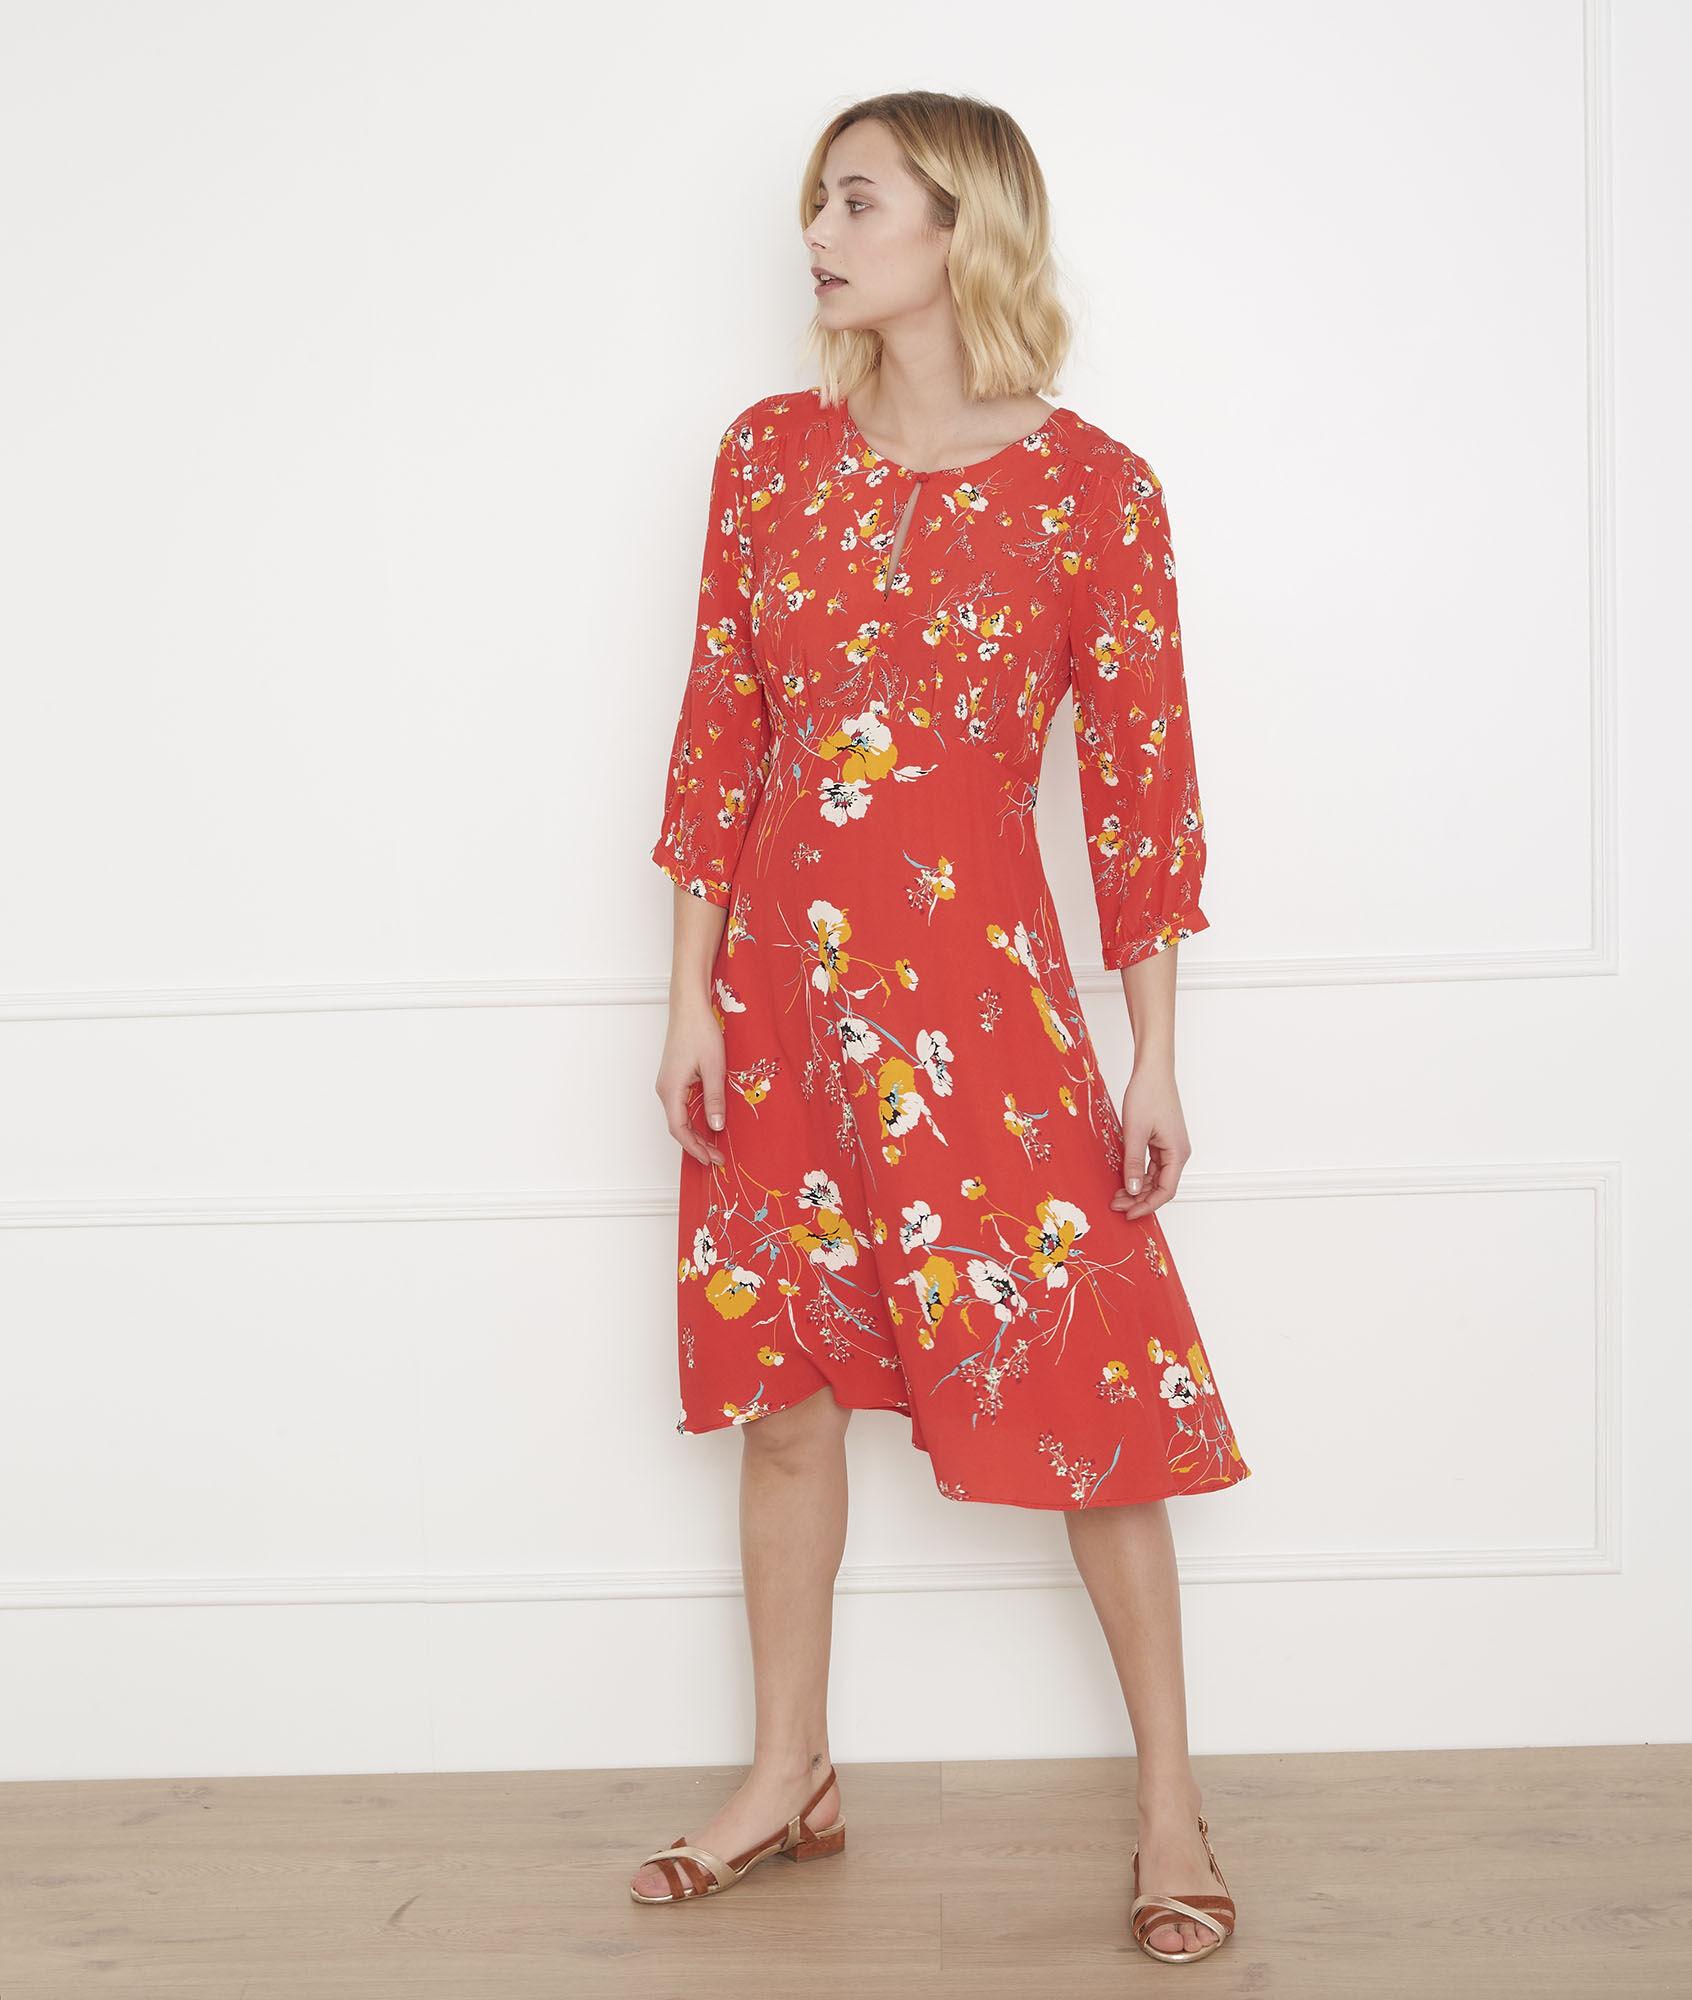 72c687cfcd0 Robe rouge imprimé fleuri Lazur - Maison Cent Vingt-Trois